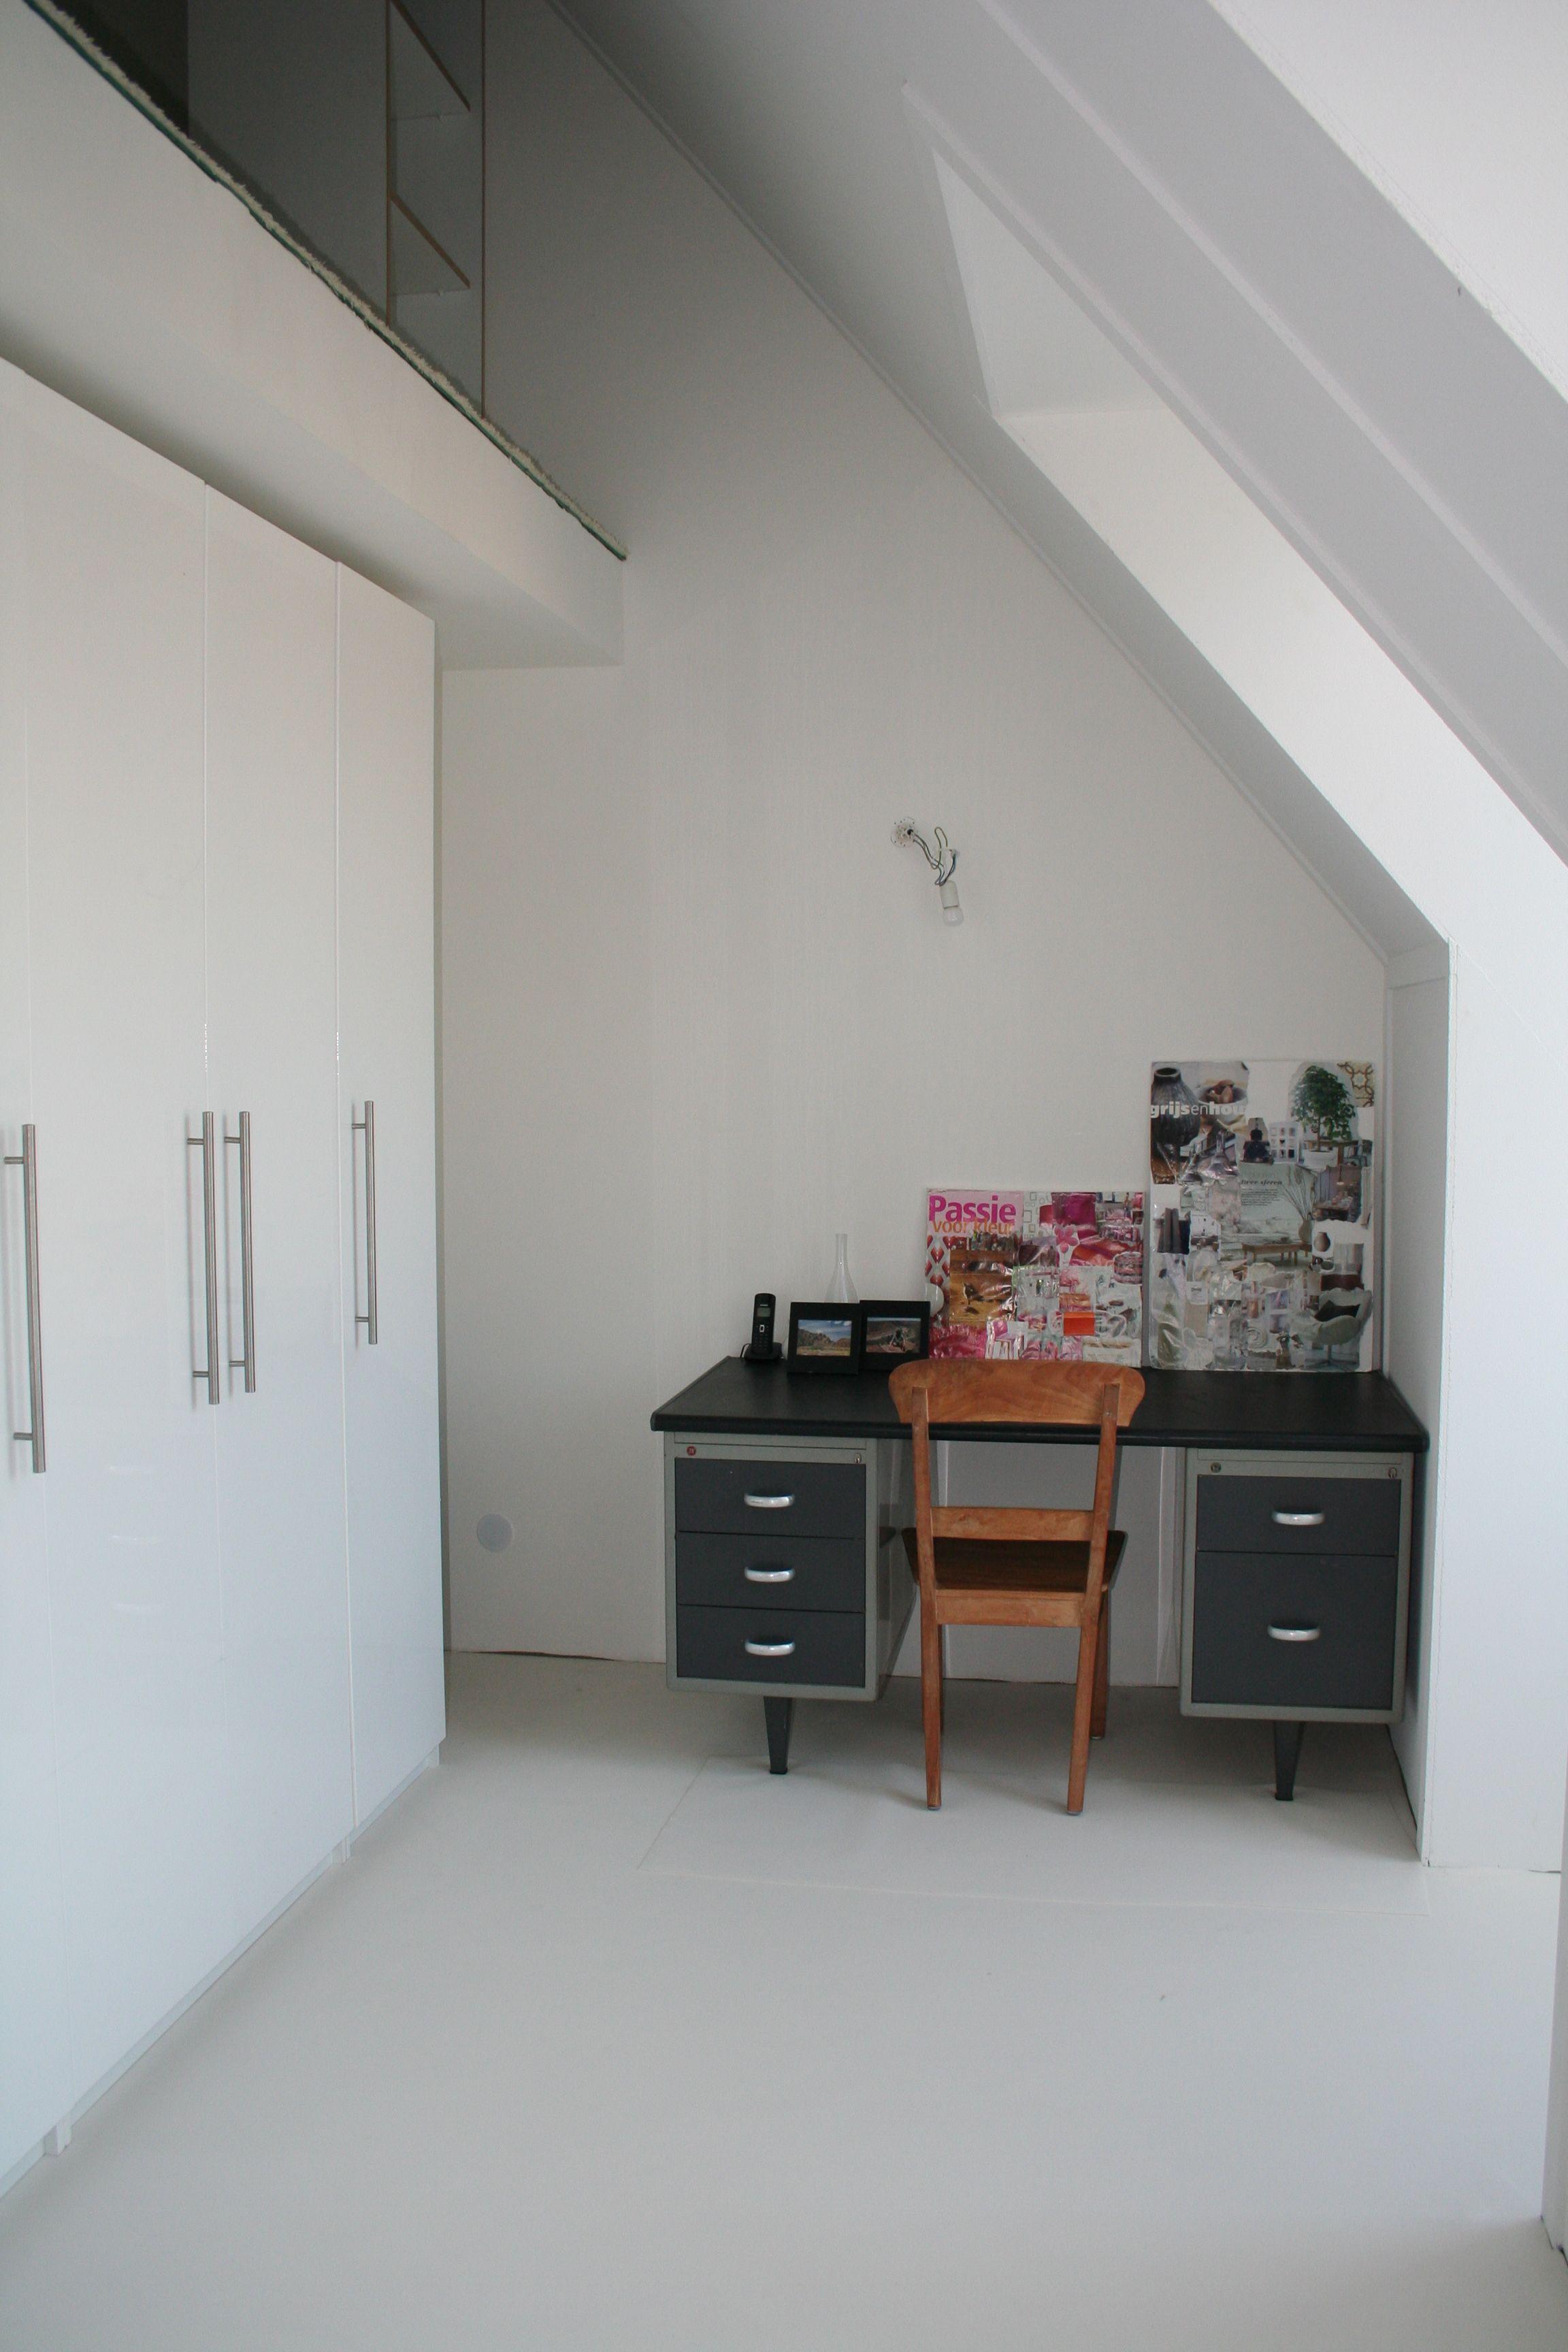 Werkkamer (lang geleden ;) met links bovenin de vide/slaapkamer ...